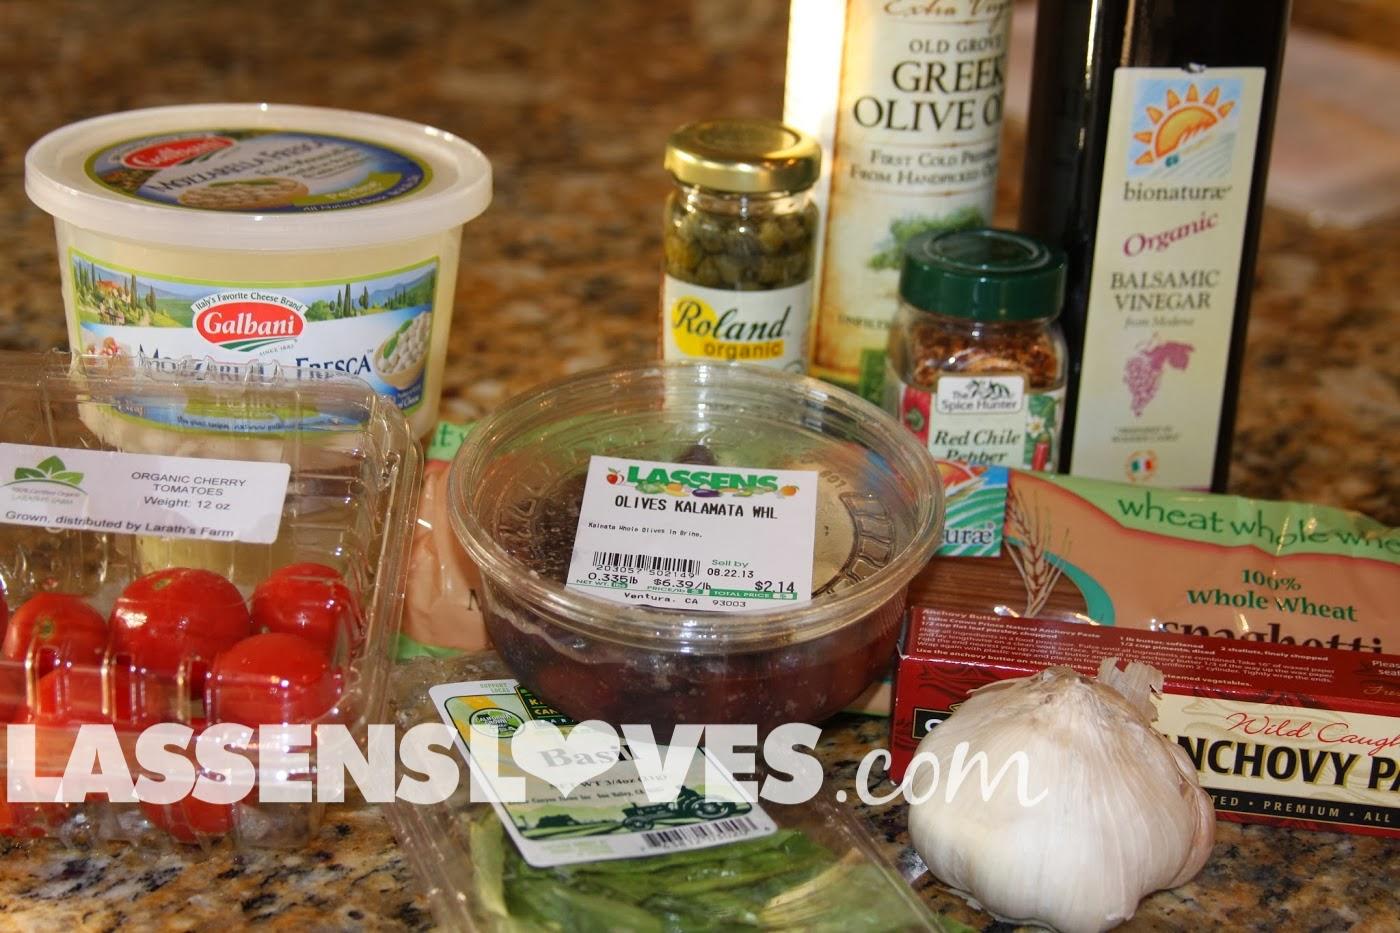 lassensloves.com, Lassen's, Lassens, Pasta+Puttanesca,Kalamata+Olives, Caprese+Salad